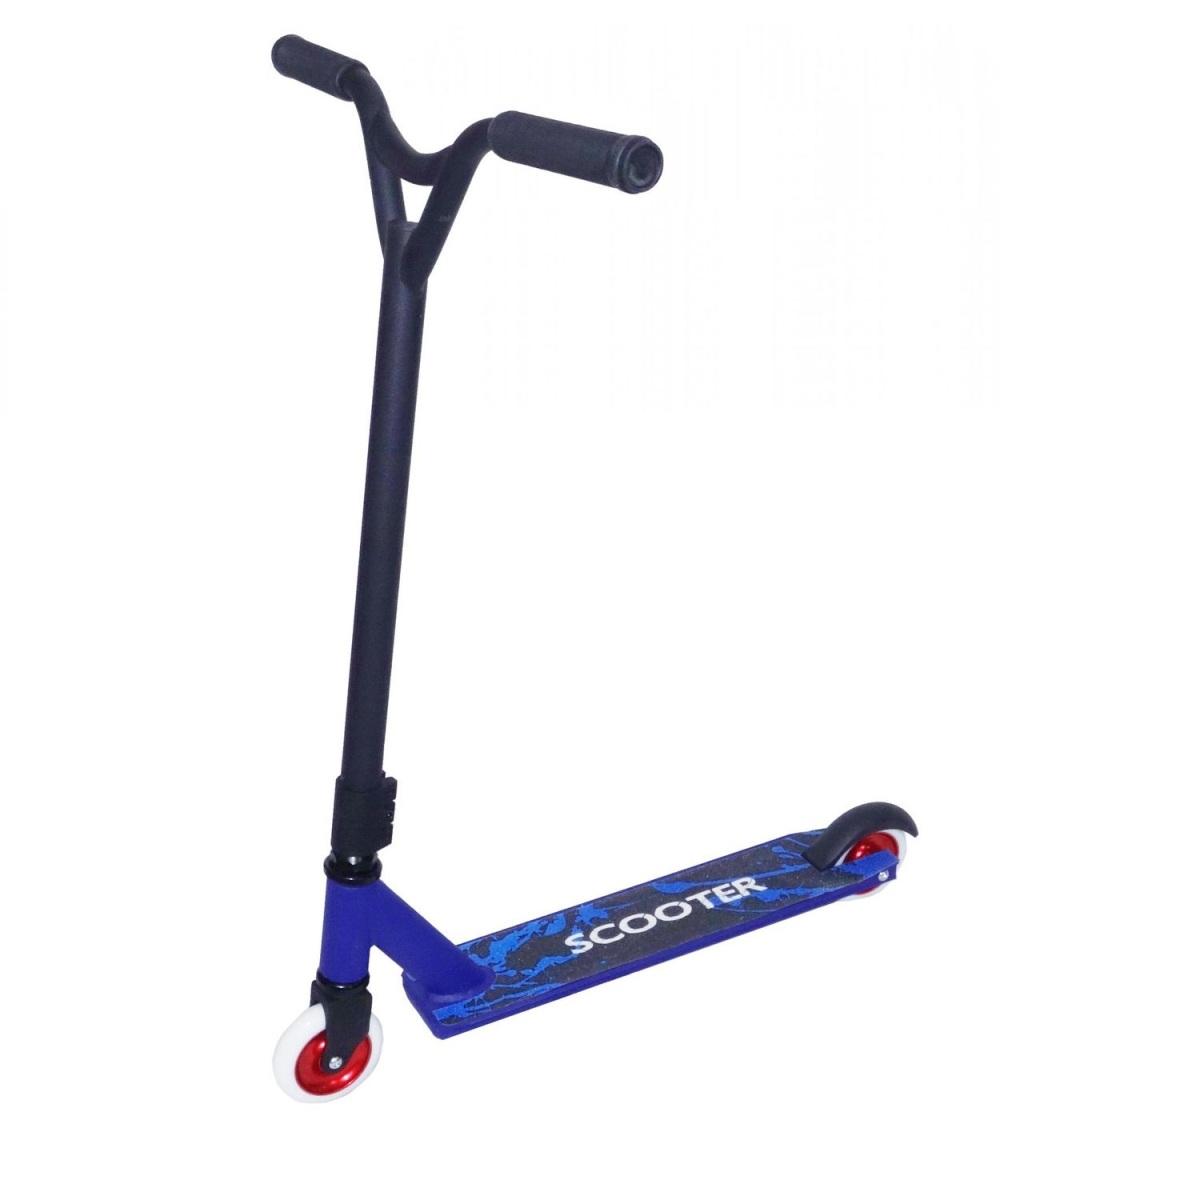 Купить Трюковый самокат Scooter усиленный с алюминиевыми колесами синий, Самокаты детские двухколесные